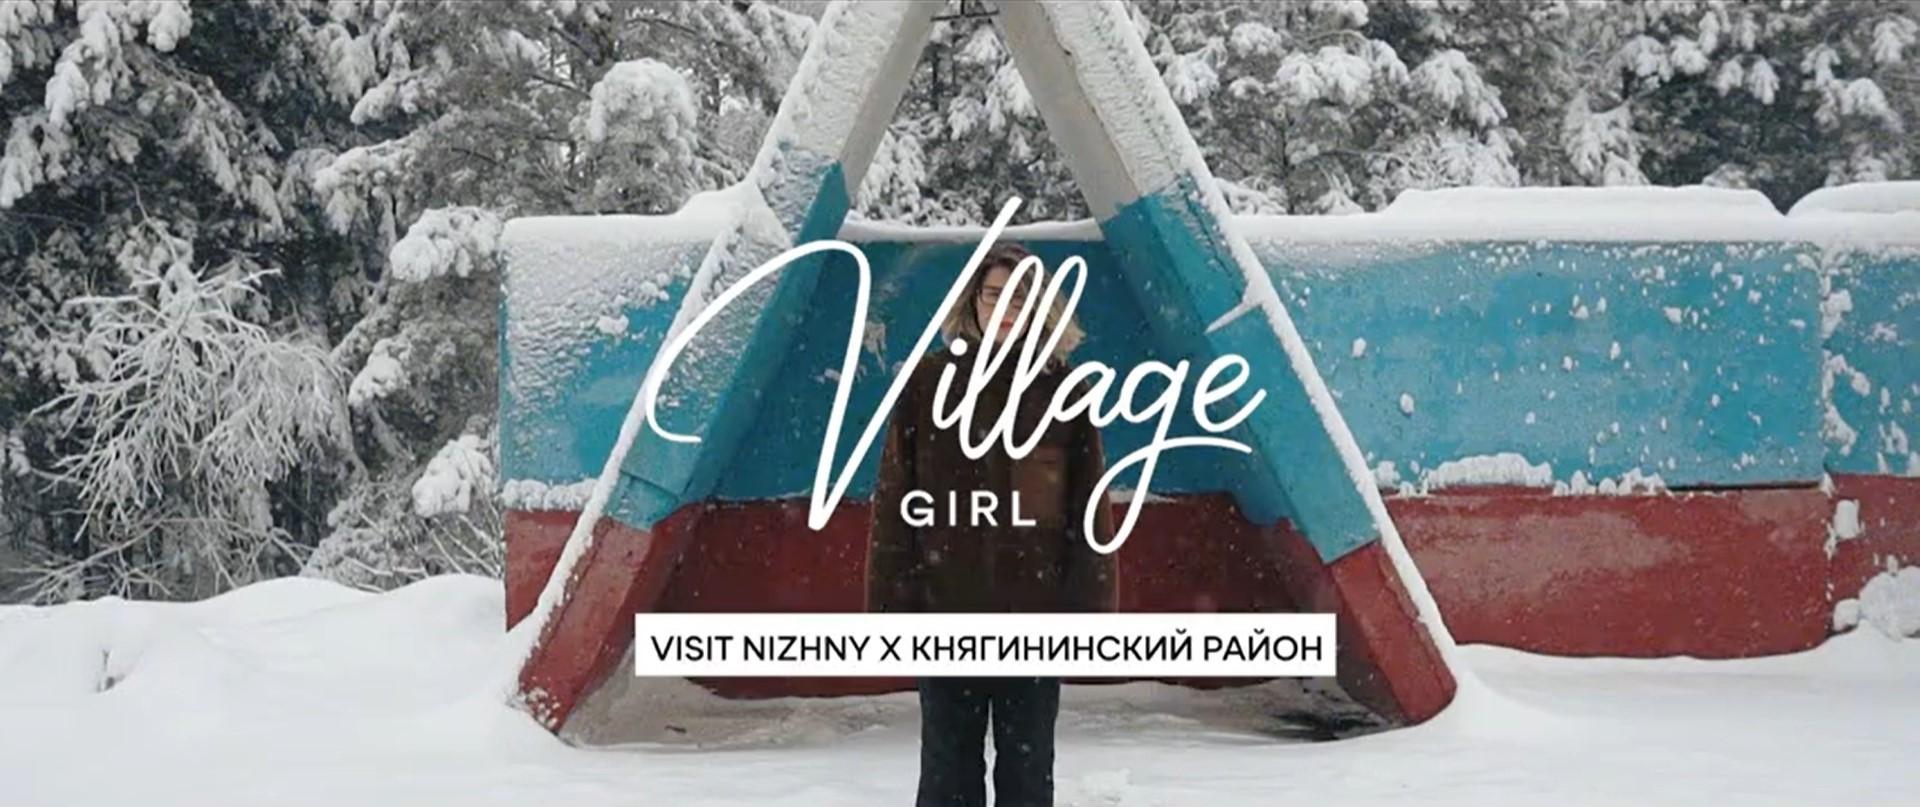 Посетить Княгининский район Нижегородской области теперь можно виртуально